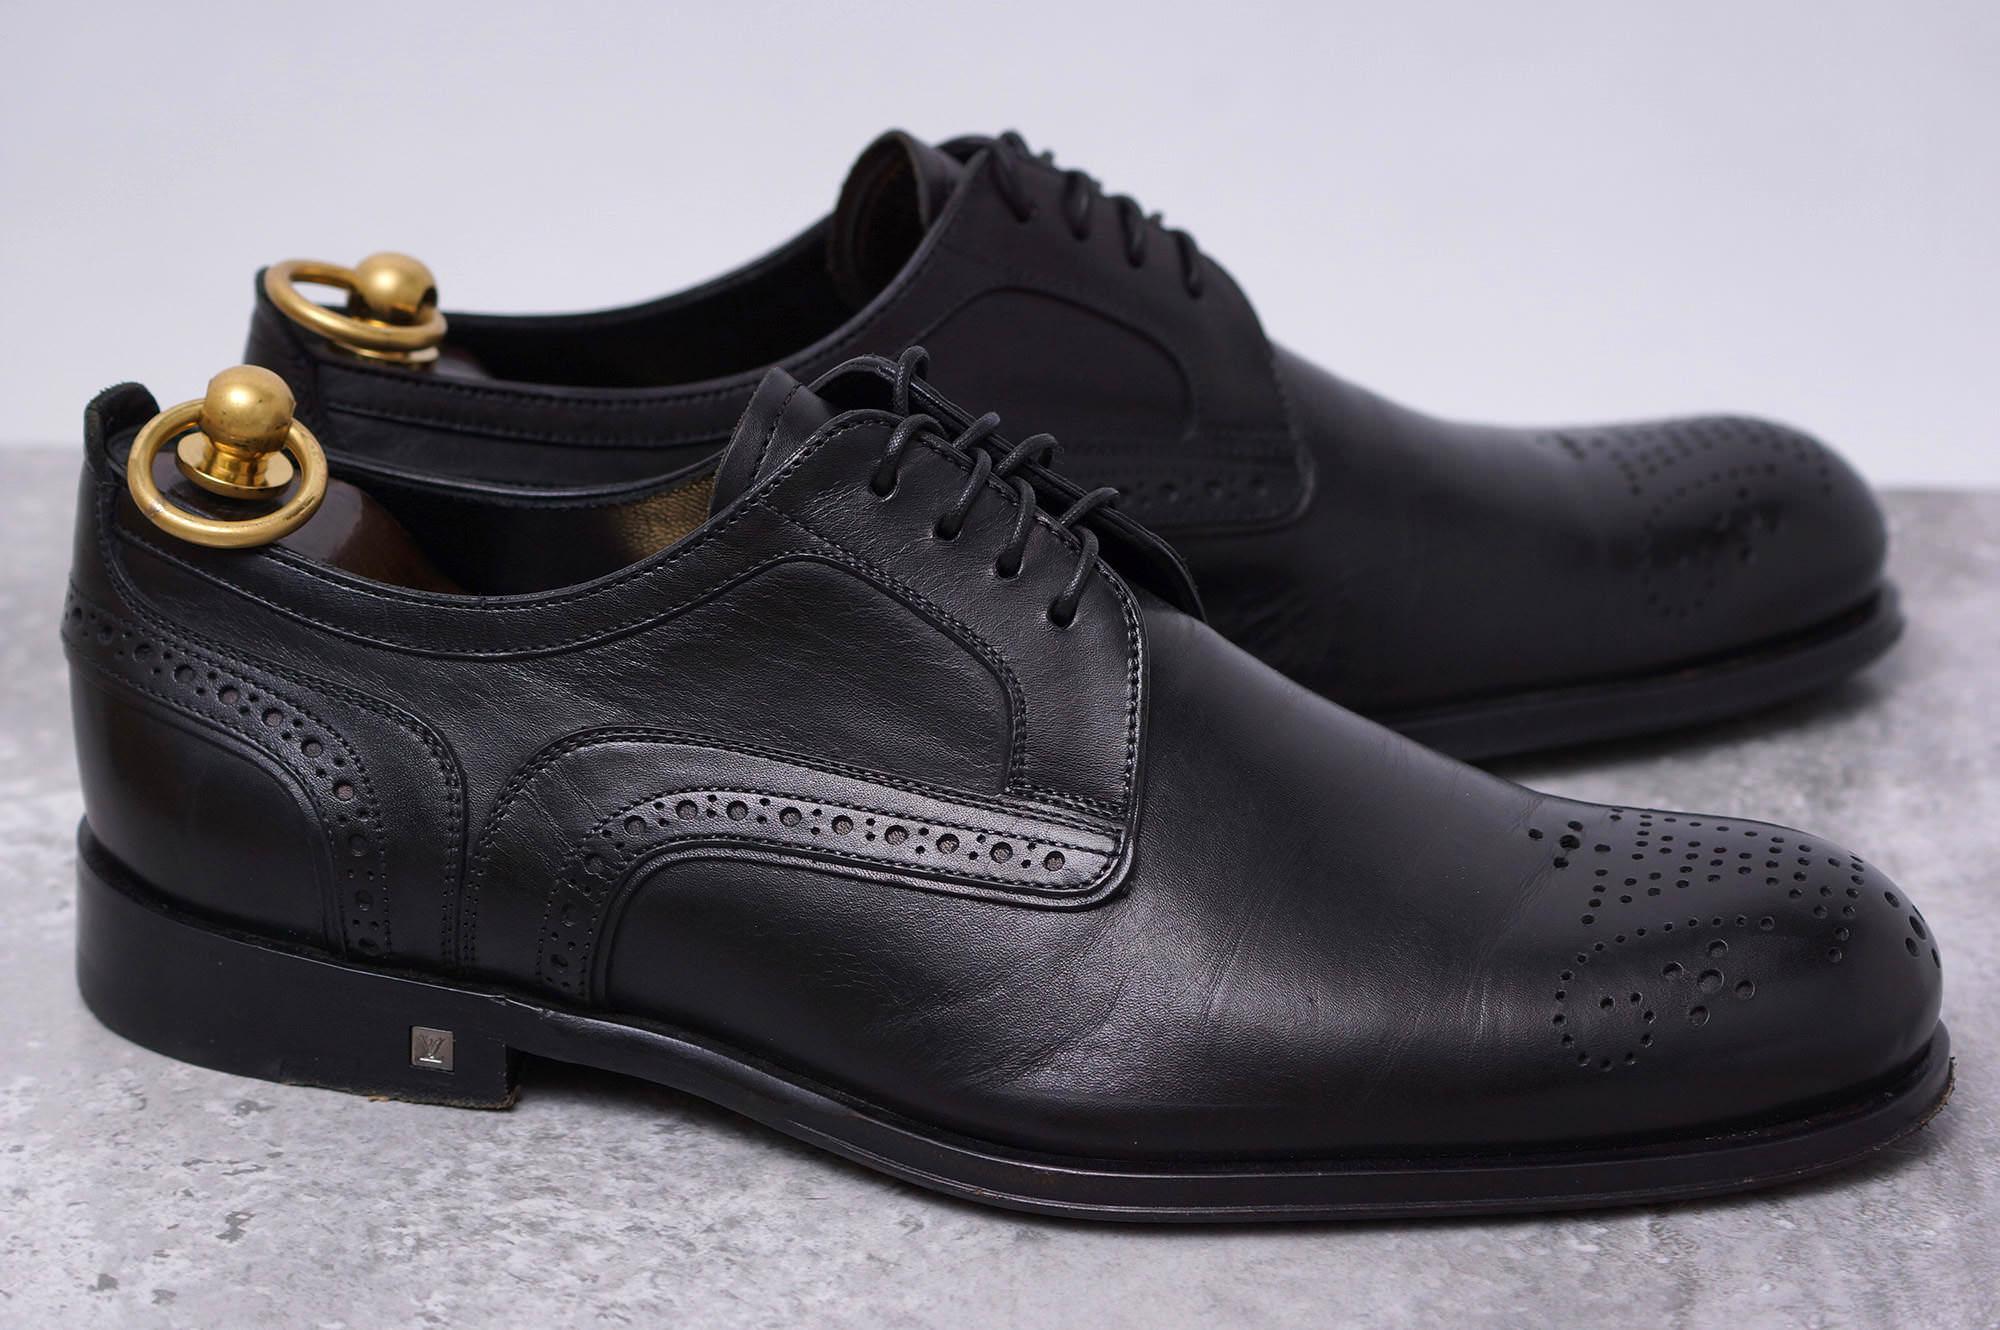 ヴィトン / Louis Vuitton ビジネスシューズ メンズ ブラック 黒 セミブローグ ST0174